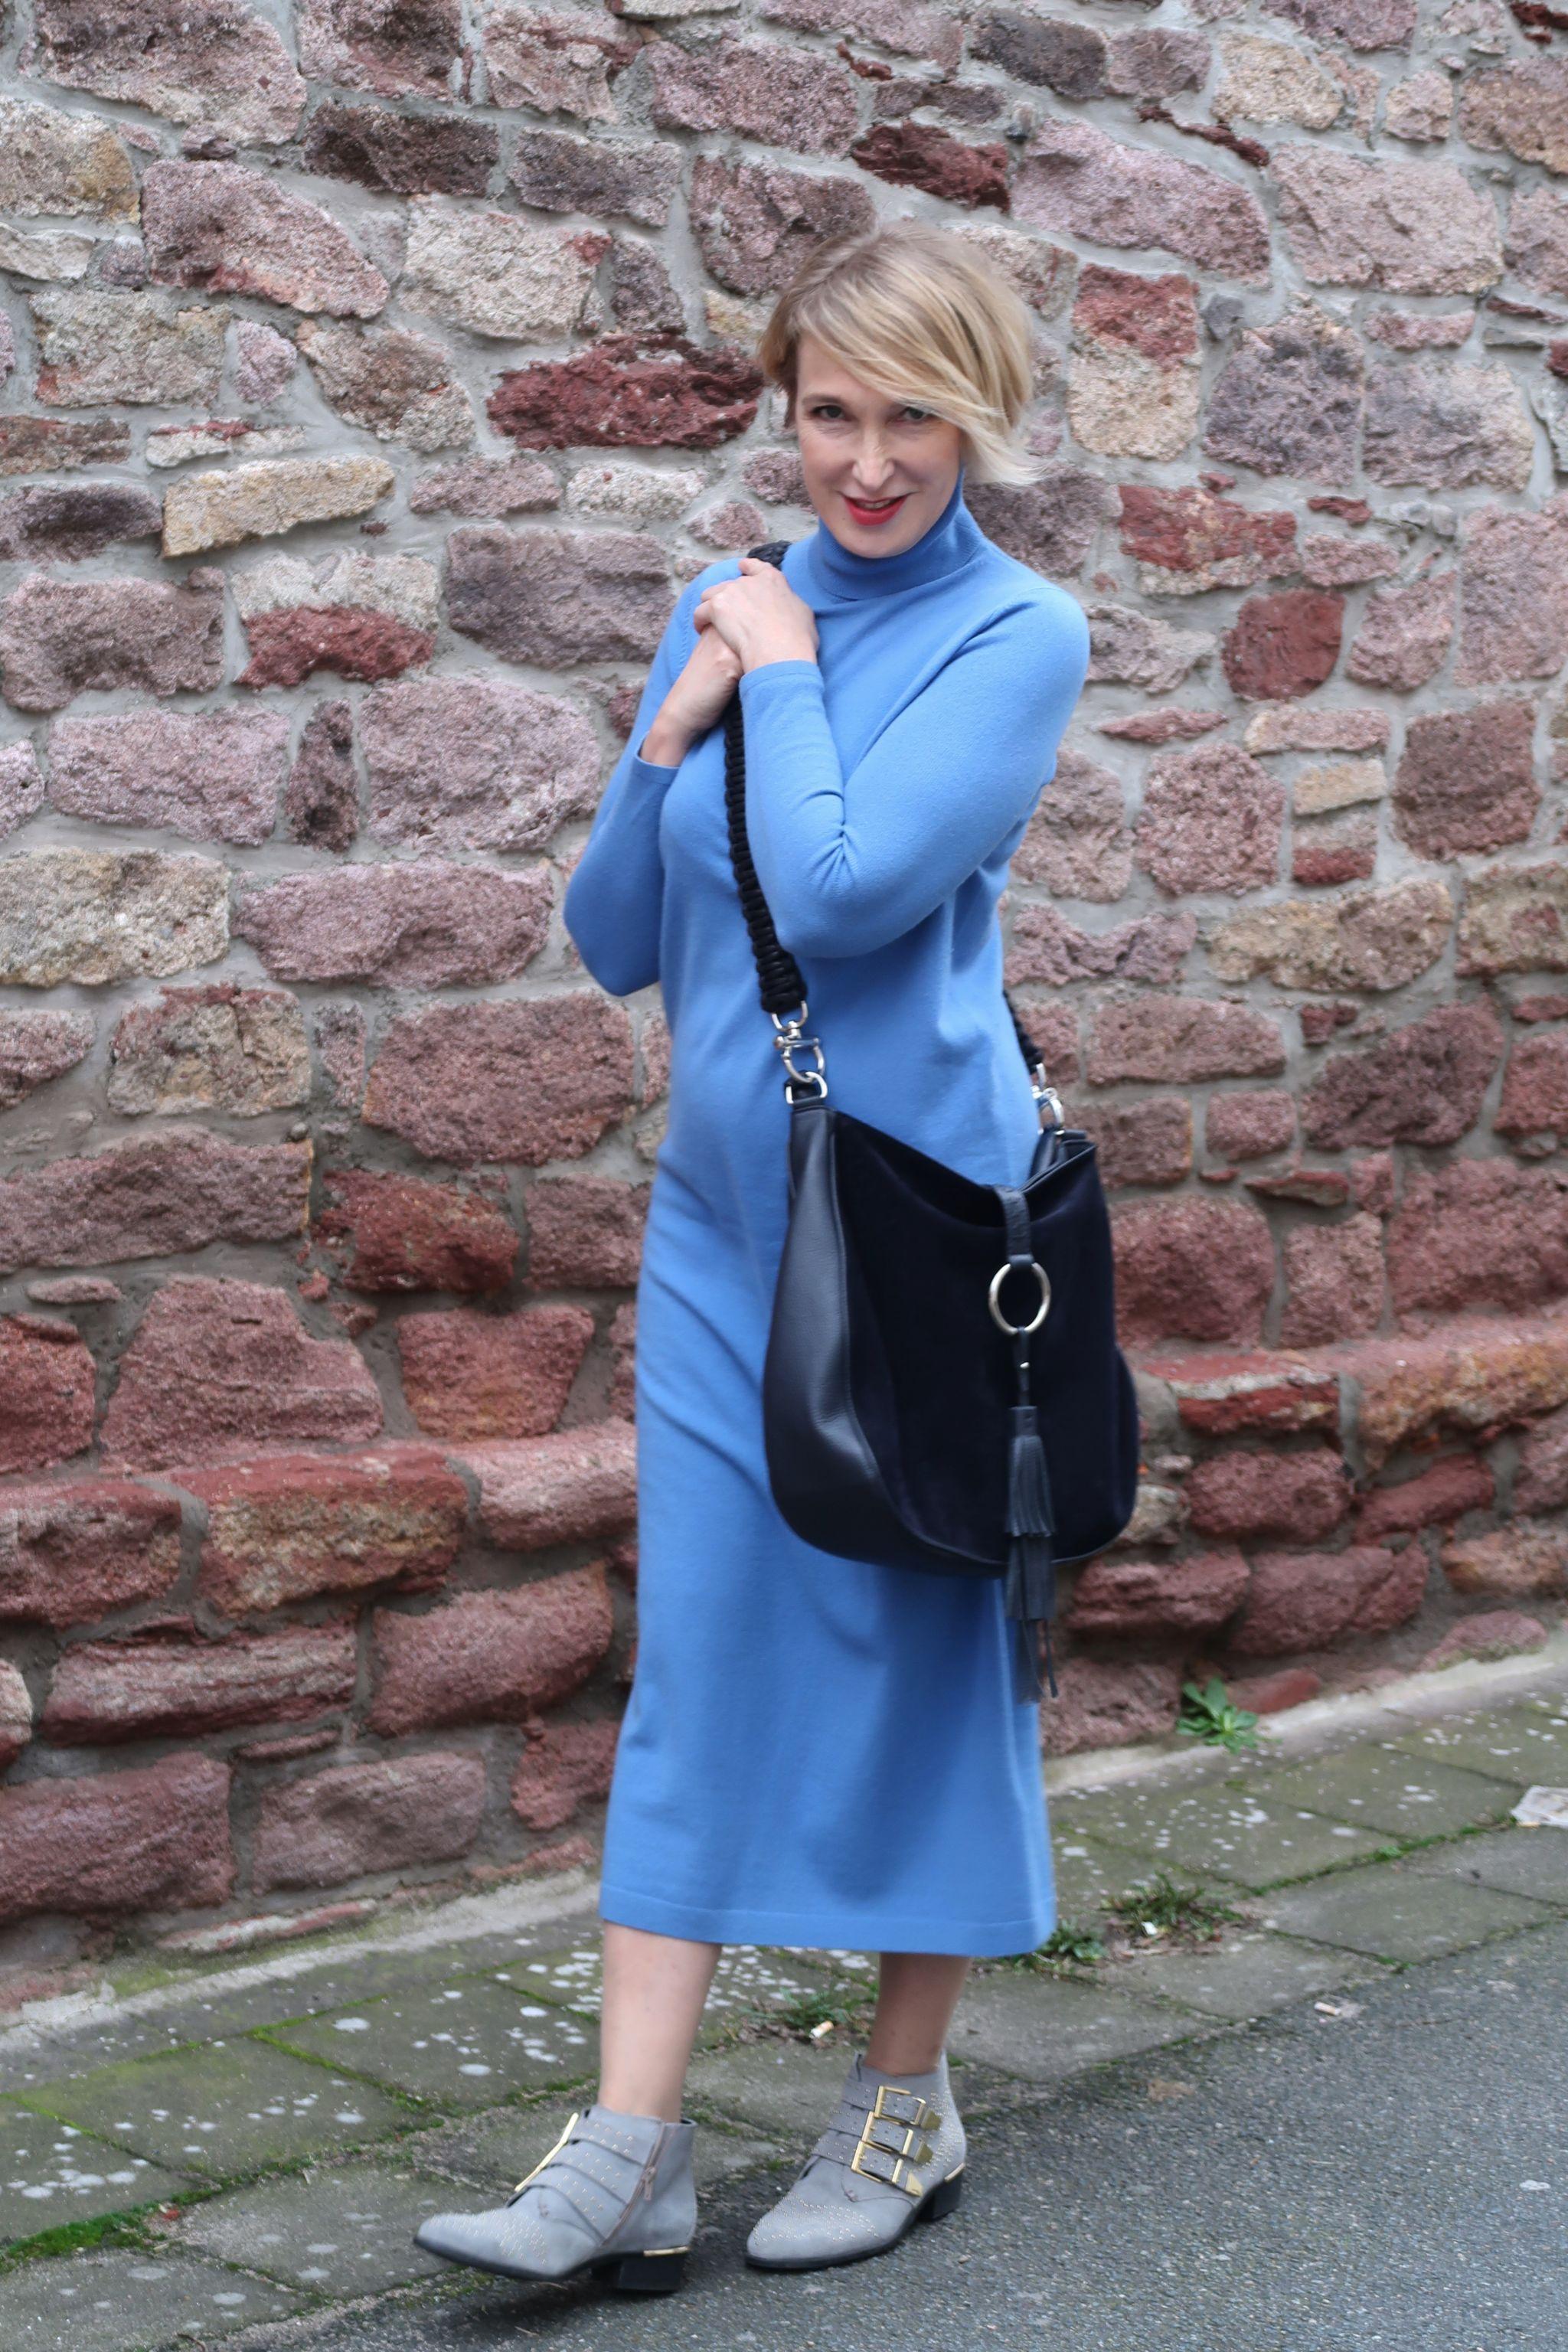 glamupyourlifestyle allude-cashmere Strickkleider Strickkleid naschbag stiefelletten-kleid ue40-Blog ue40-Mode